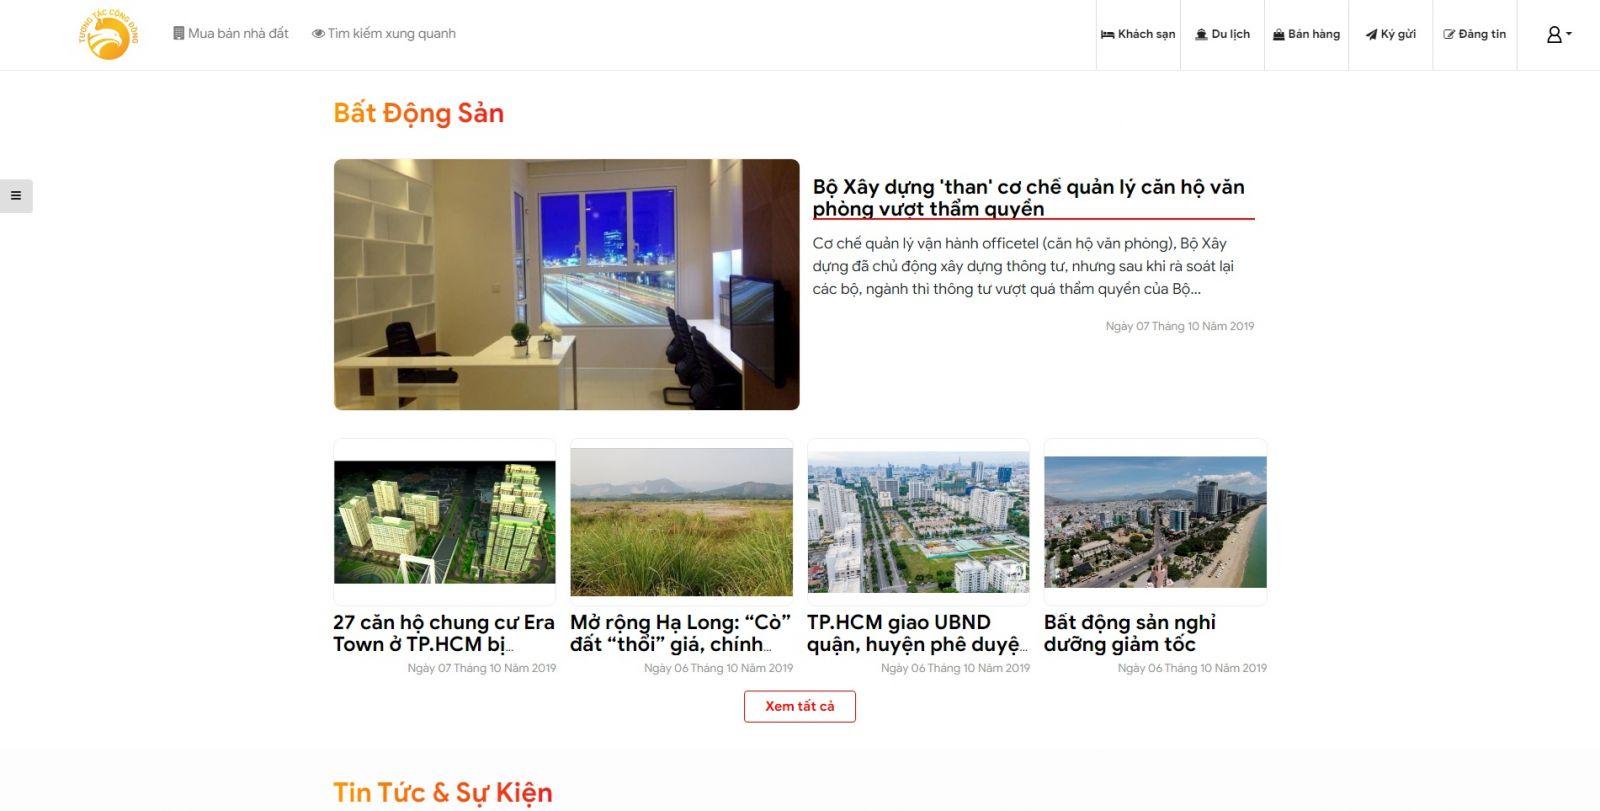 Hình ảnh Tính Năng Cập Nhật Tin Tức, Chia Sẻ Kinh Nghiệm Bất Động Sản - tuongtaccongdong.com